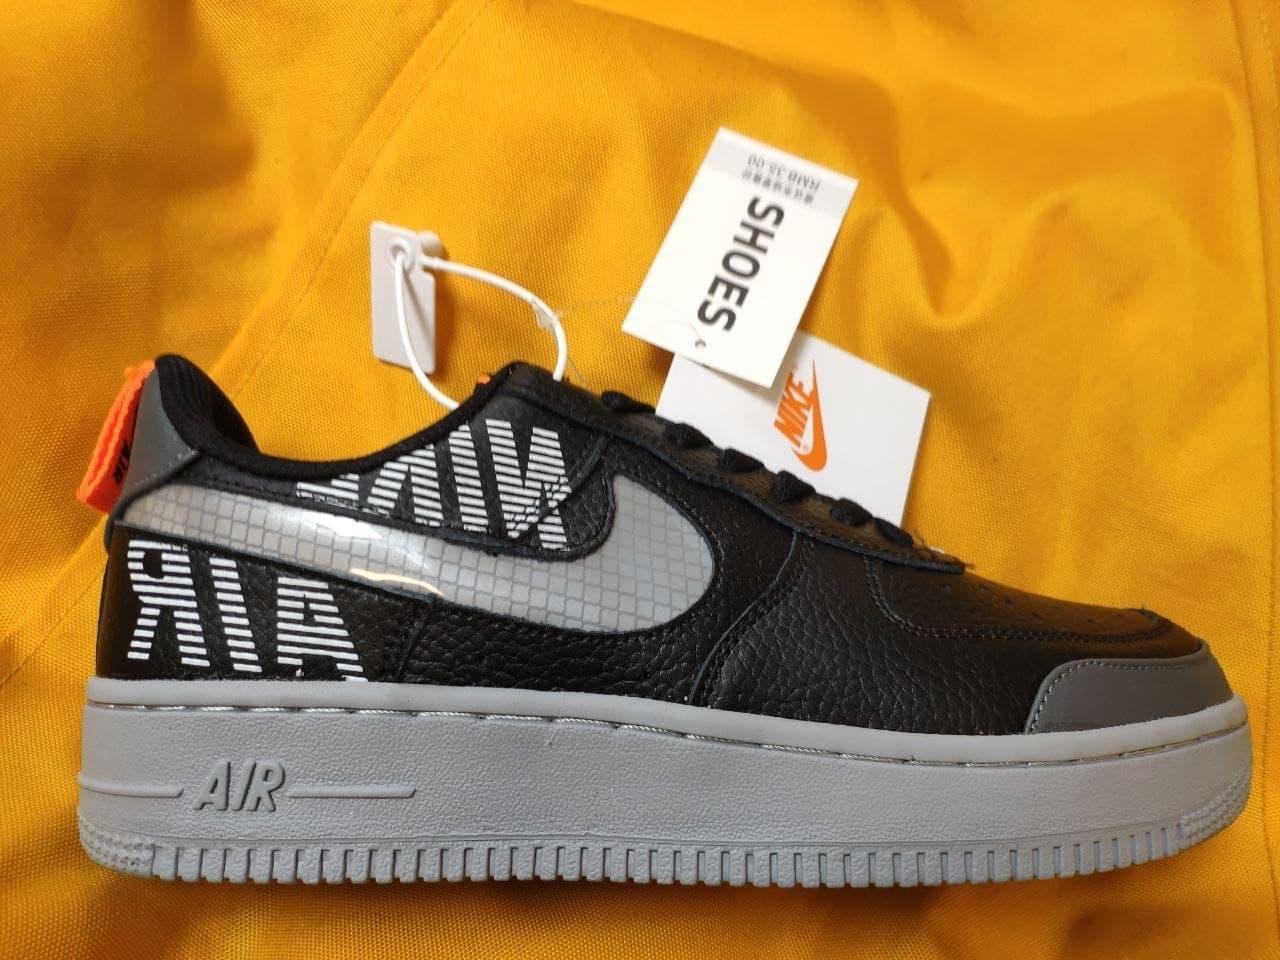 Мужские кроссовки Nike Air Force 1 Low '07 LV8 Utility (черно-серые) стильная обувь D114